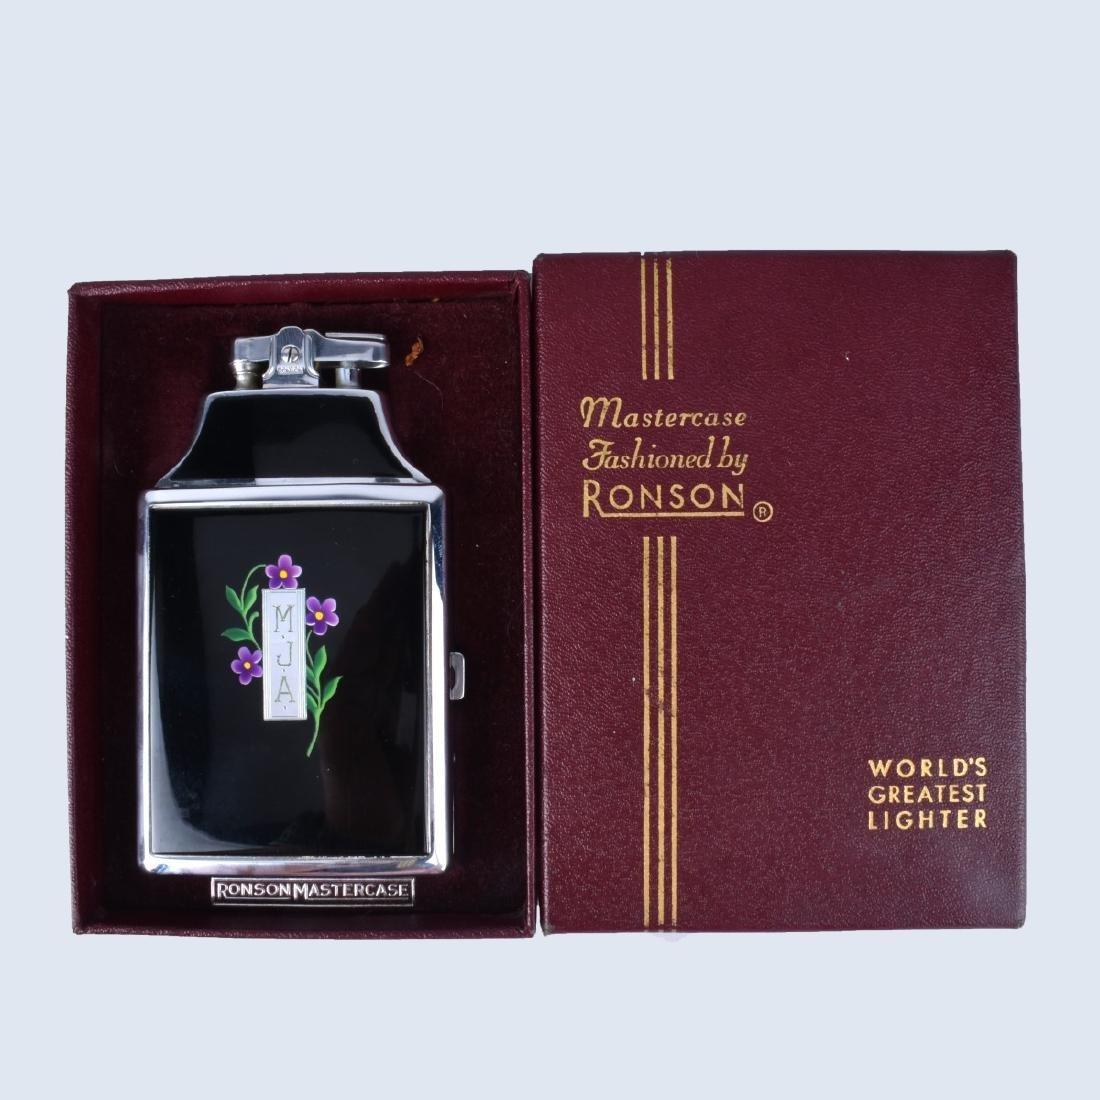 Ronson Mastercase Lighter